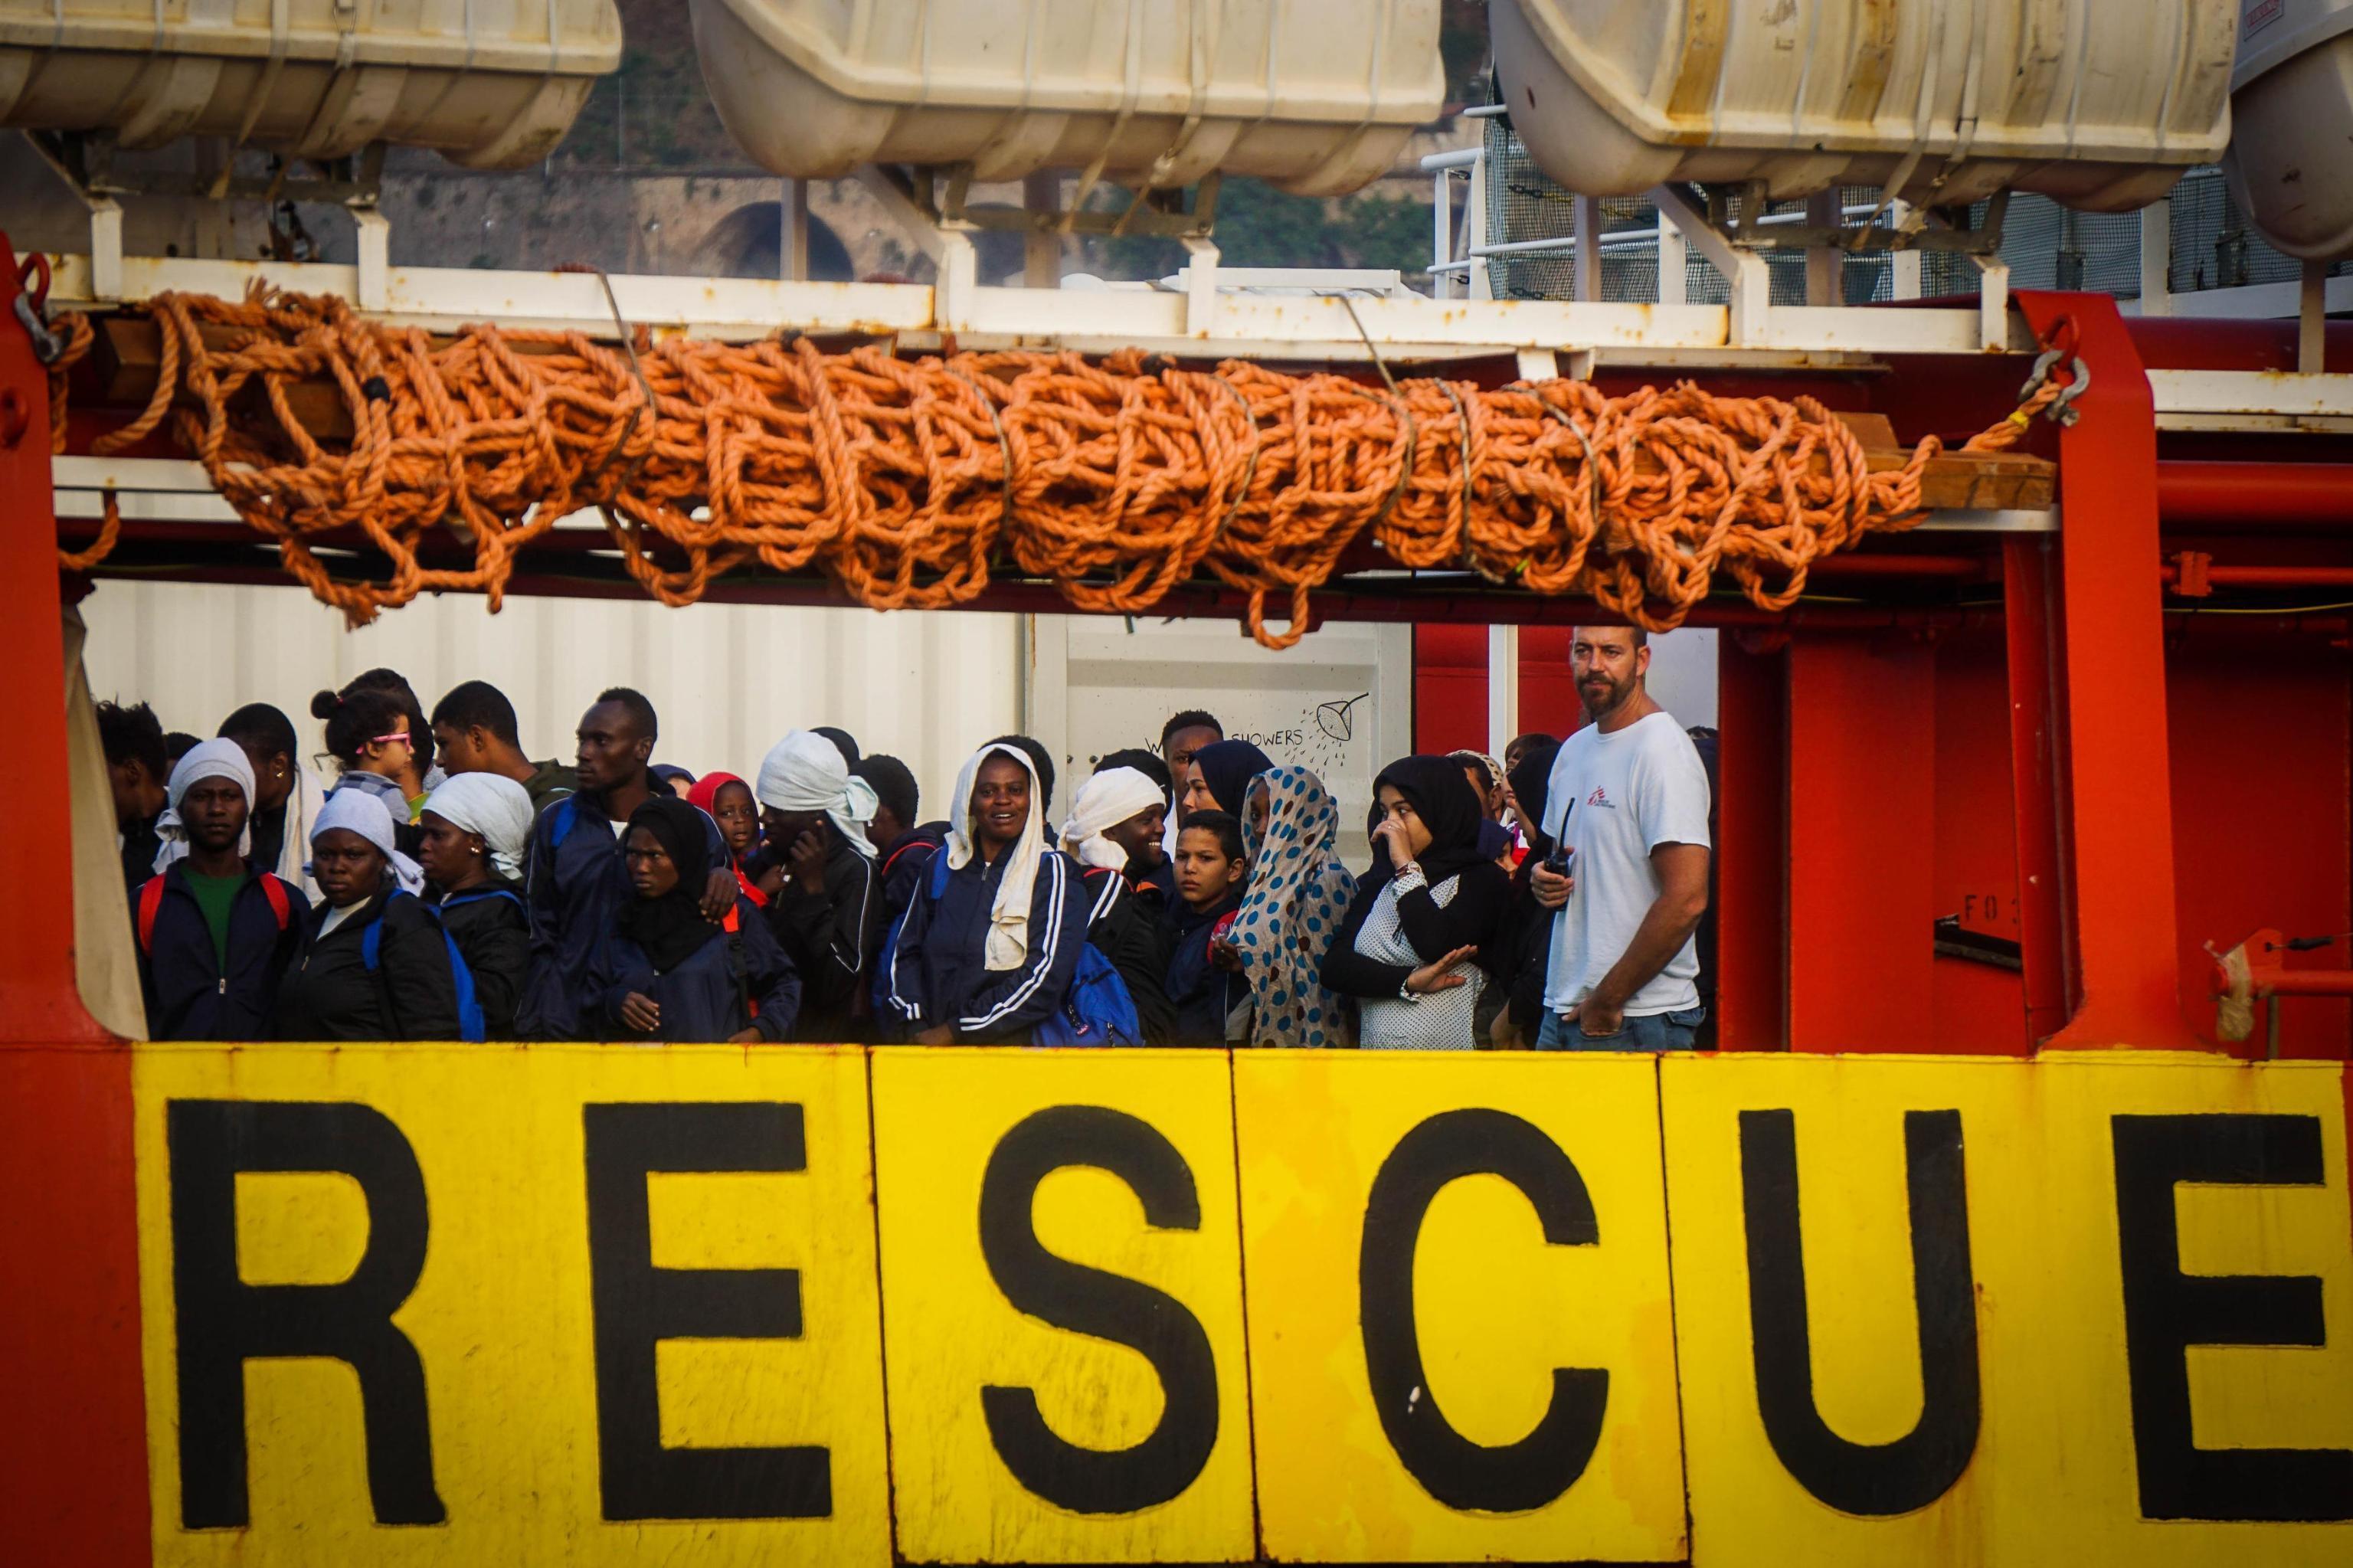 Migranti: Minniti,Codice ong?Ora discussioni finiscono